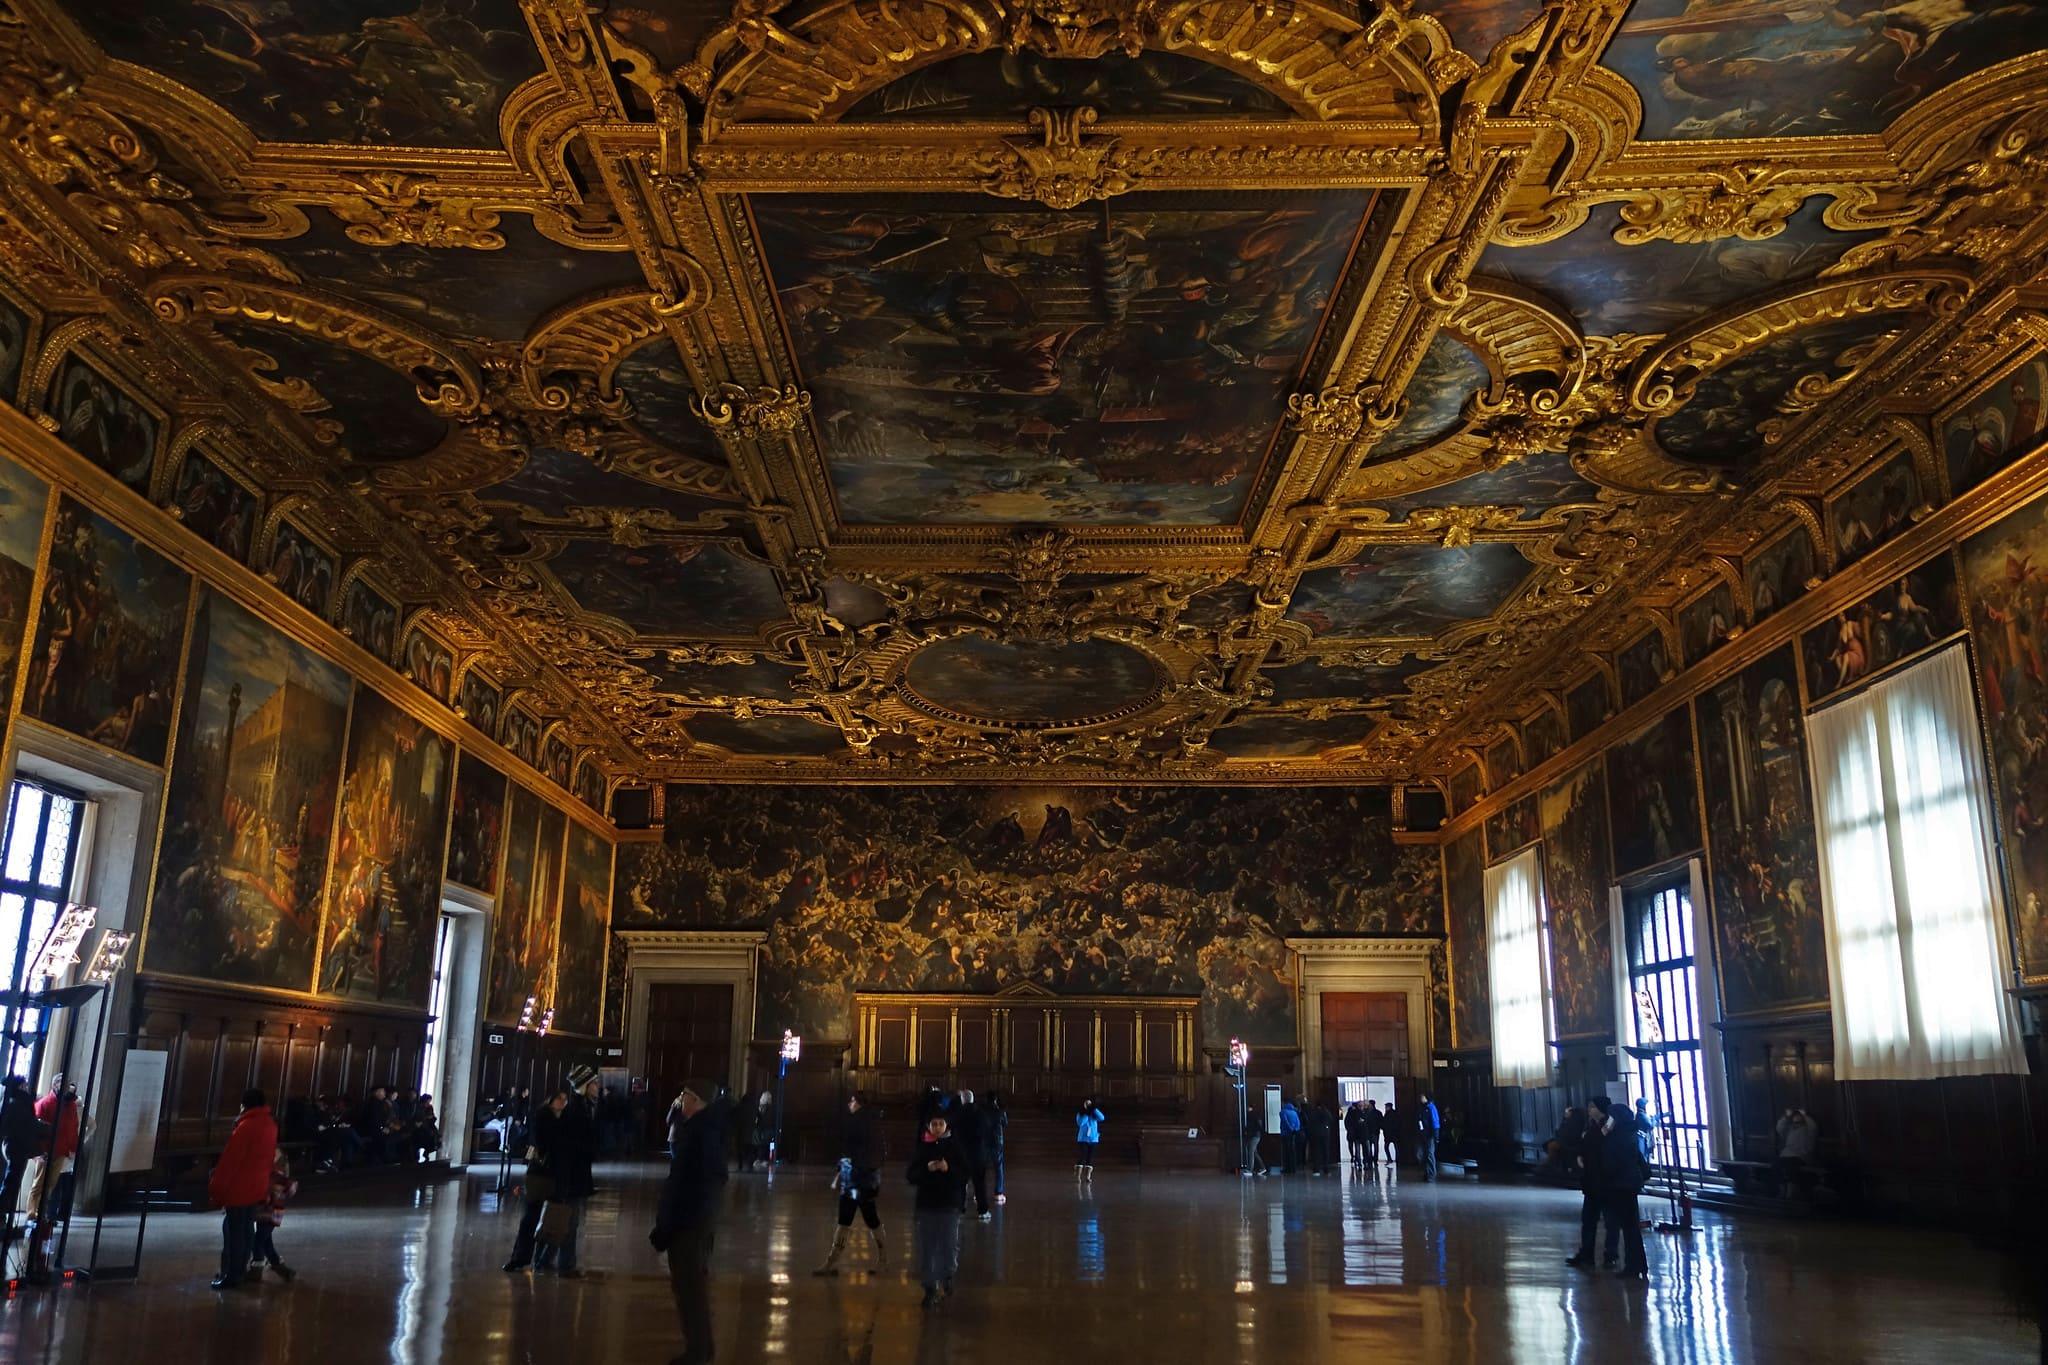 mostre palazzo ducale venezia